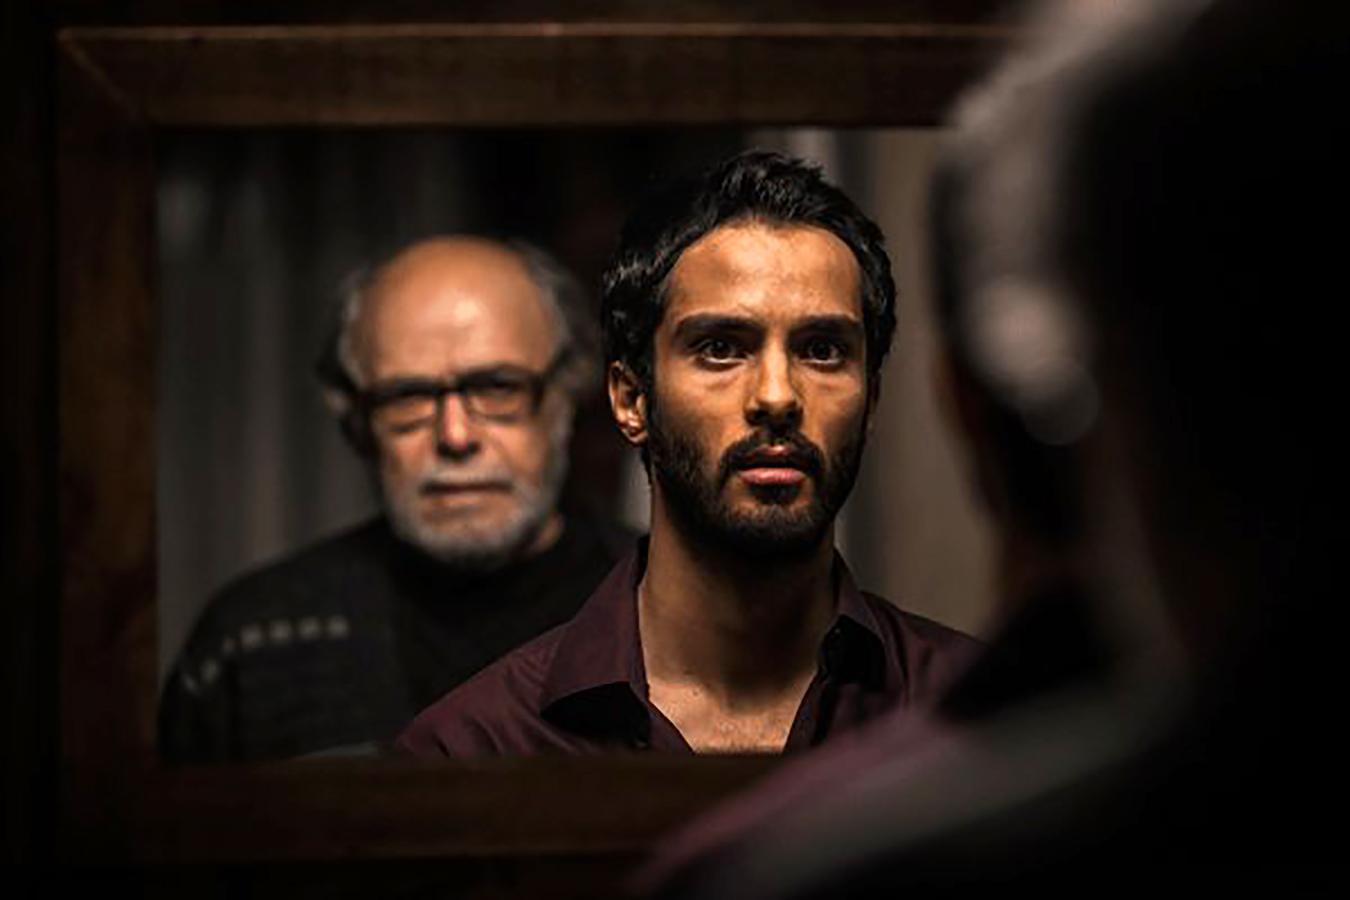 بررسی فیلم «پل خواب»: از مکافات تا جنایت